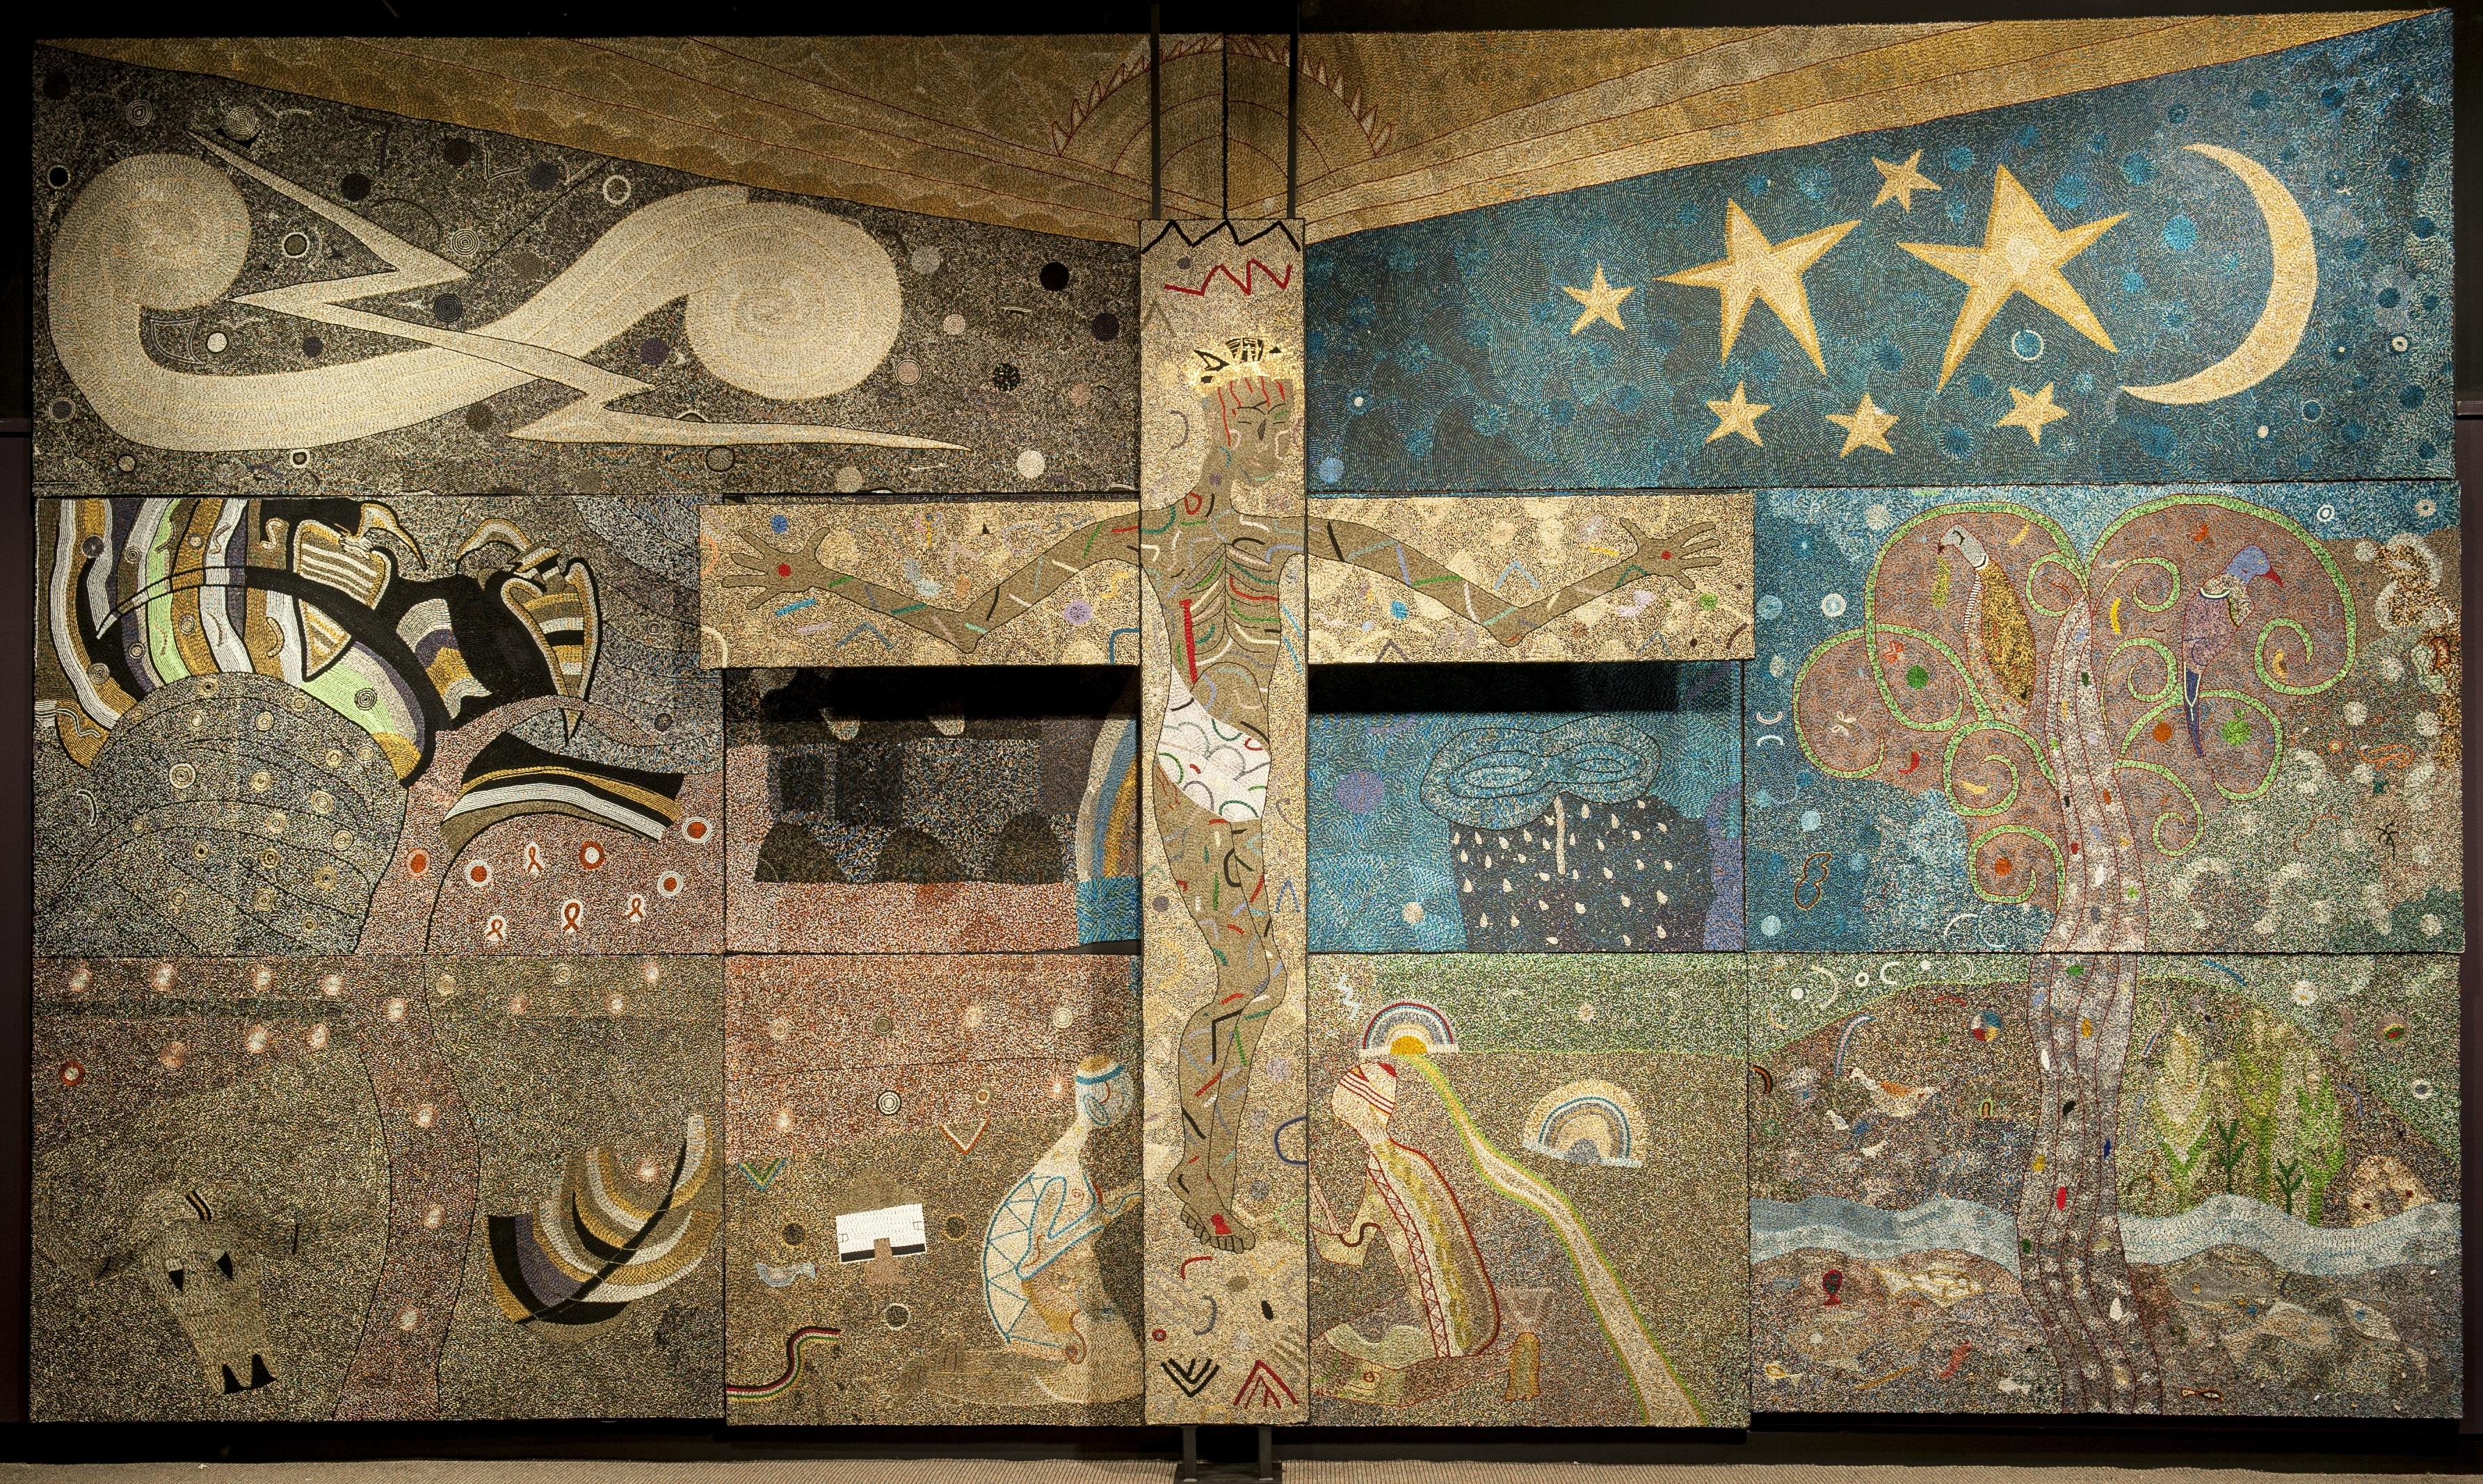 (Multiple Artists) Ubuhle - AfricanCrucifixion (2009)